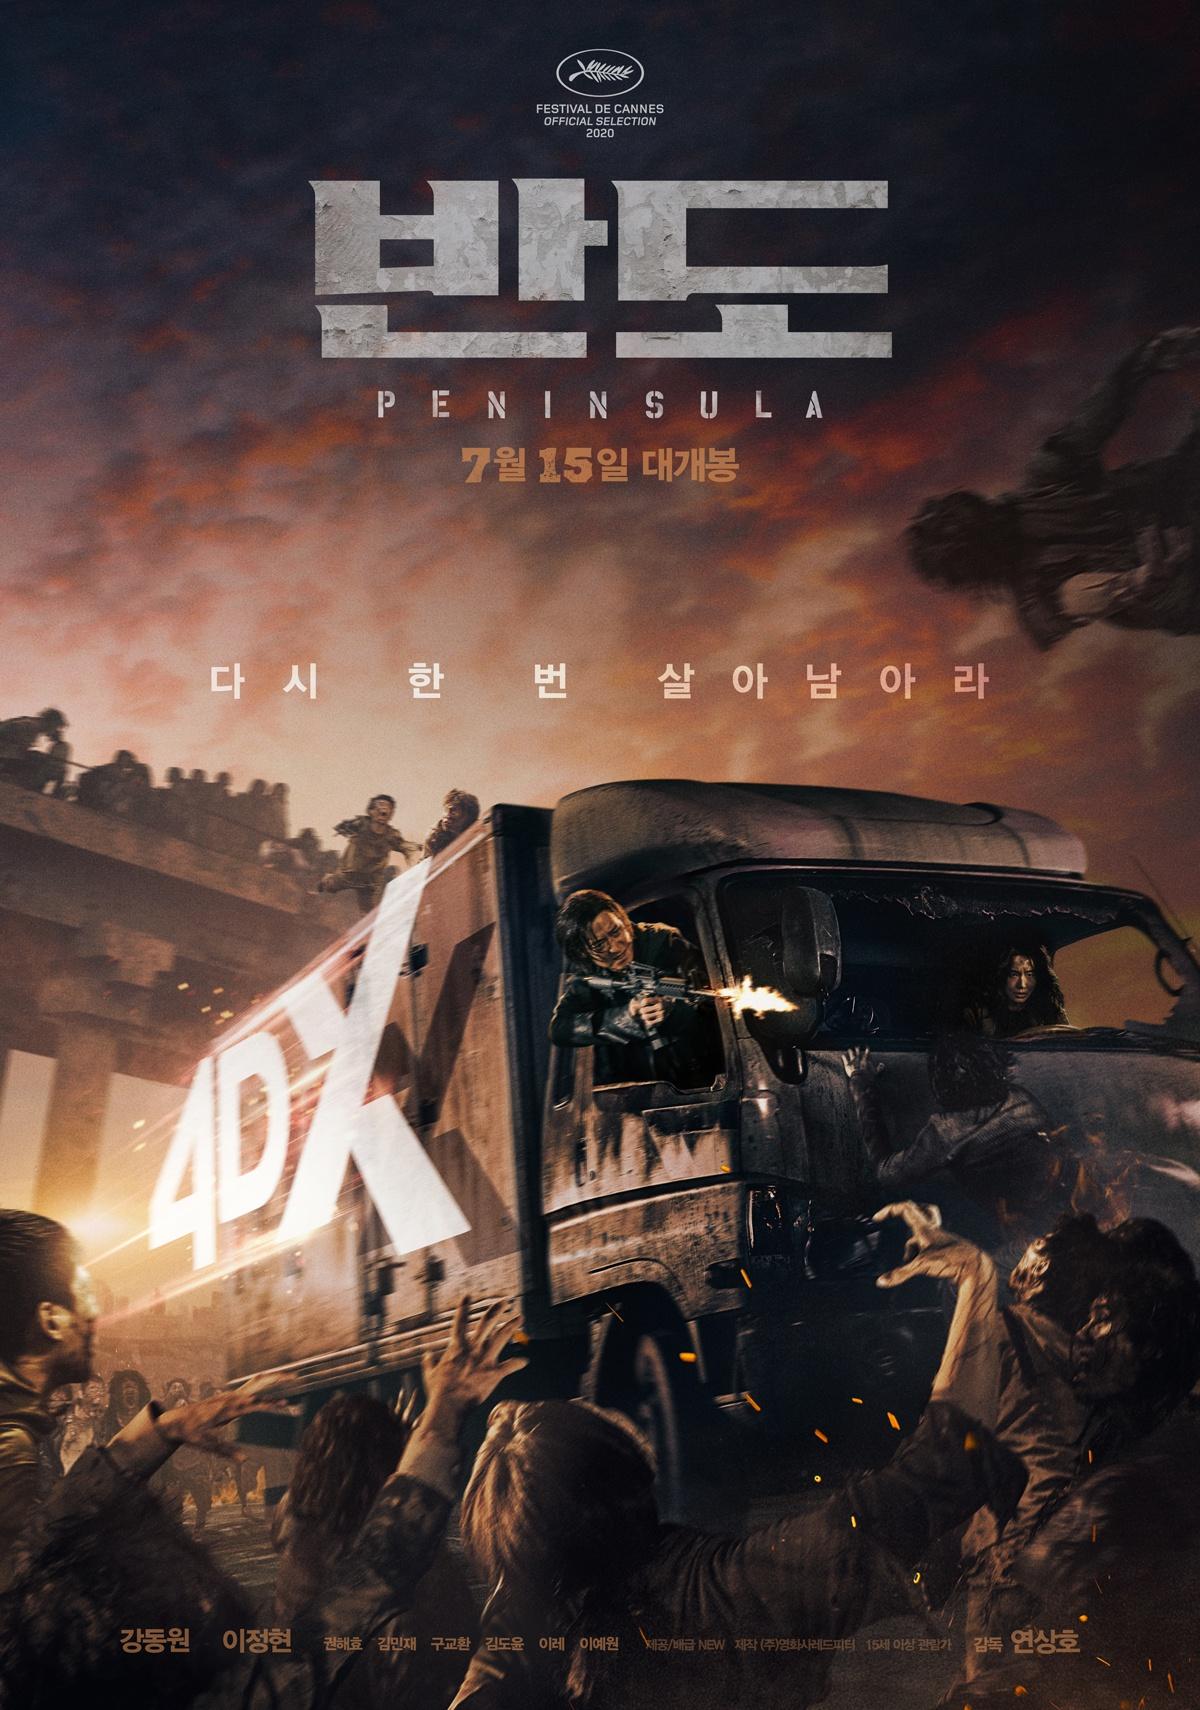 《釜山行2:半岛》刷新韩国电影市场2020年预售纪录图片